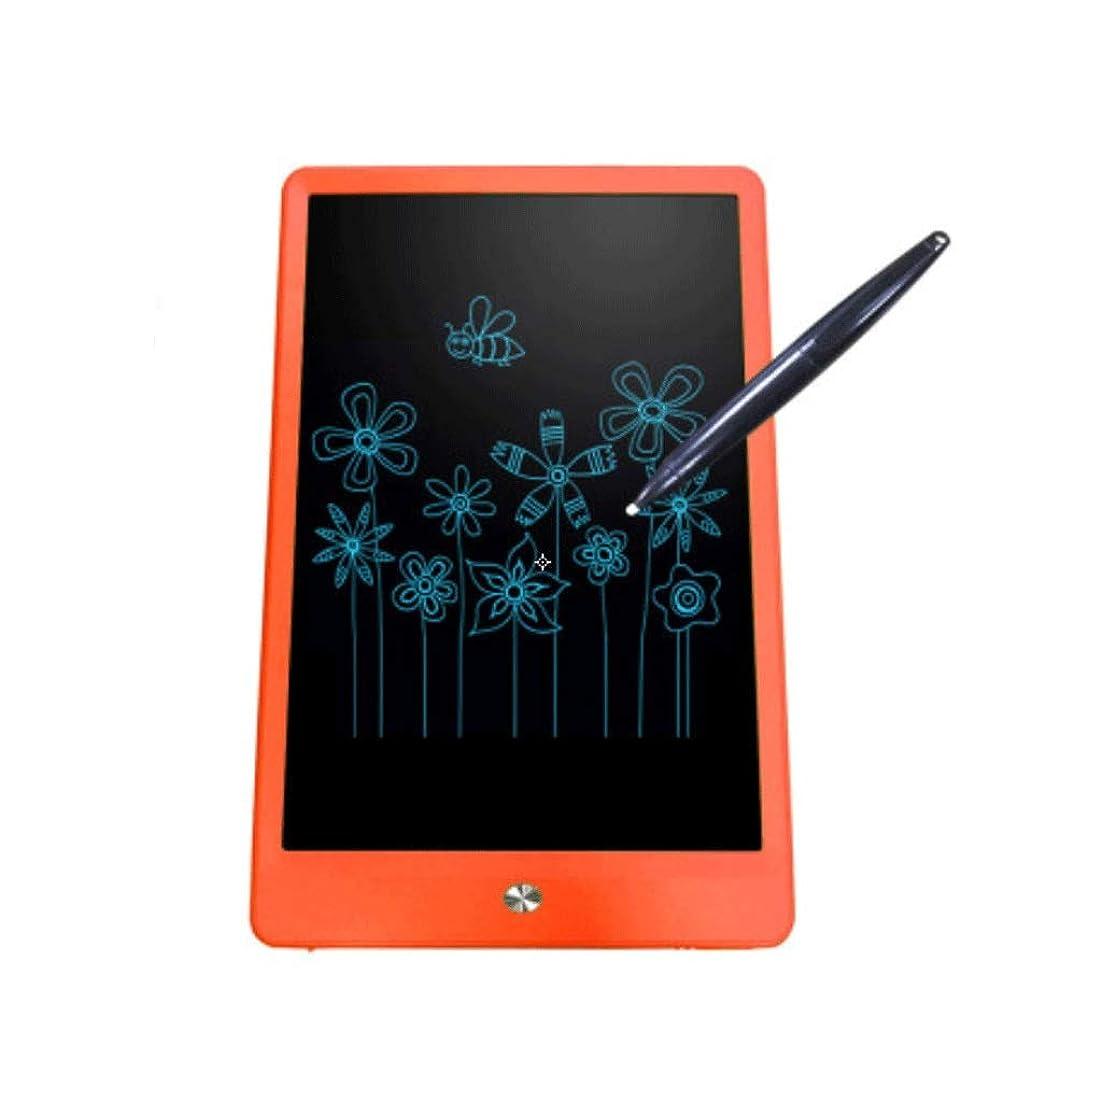 運動する気がついてロシア絵画 スクリーンLCD手書きボード子供用ライティングボード手描きボードライトエネルギー電子ボード10インチ 子供のための赤ちゃんのおもちゃ (Color : Orange)